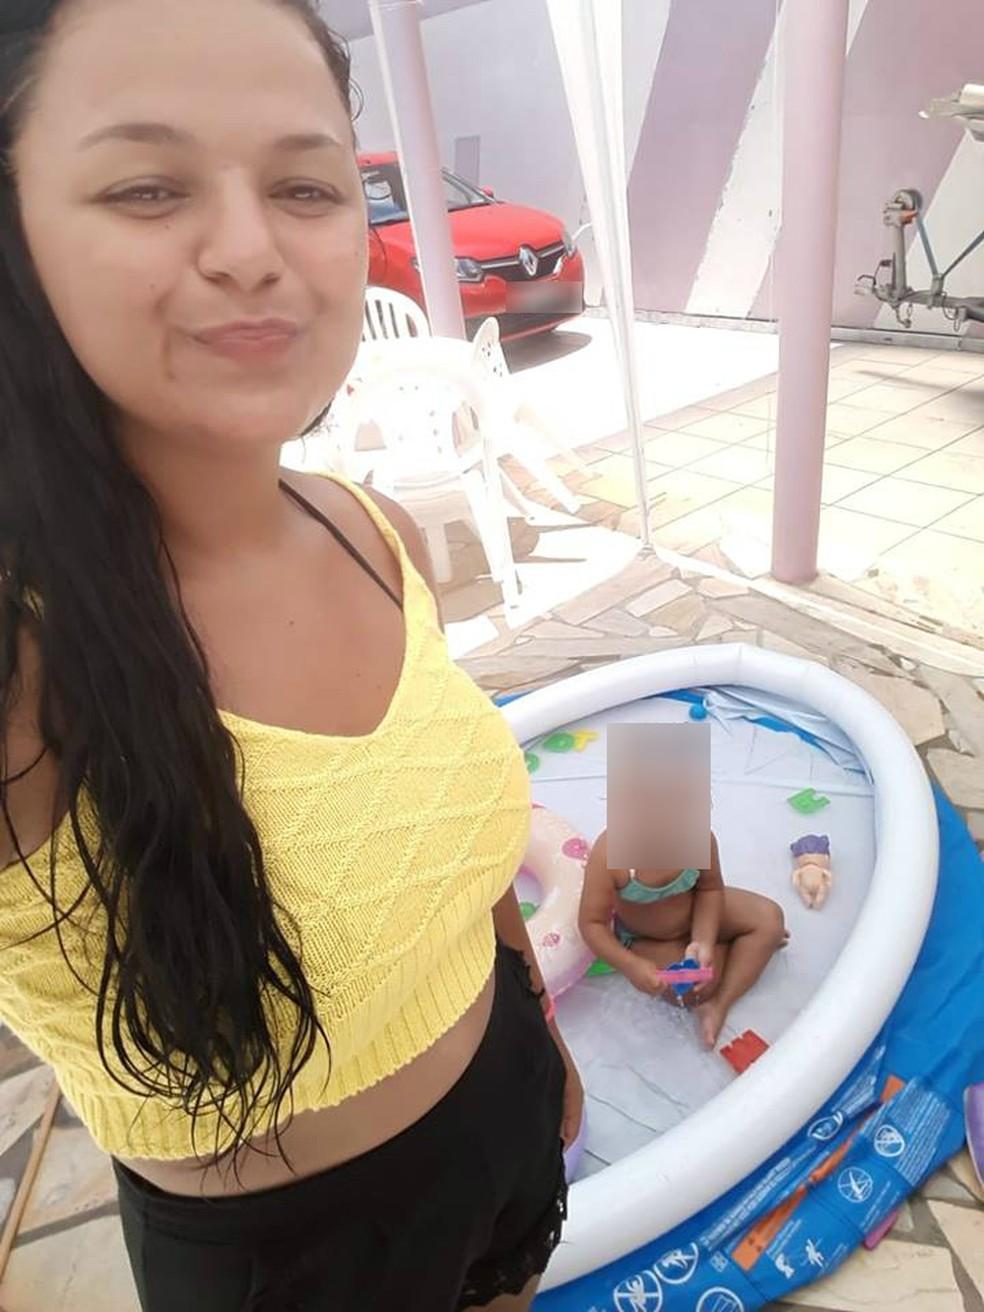 Daniela foi morta a facadas em 14 de janeiro, em Fazenda Rio Grande, na Região de Curitiba. O ex-marido dela é acusado do crime — Foto: Divulgação/Facebook